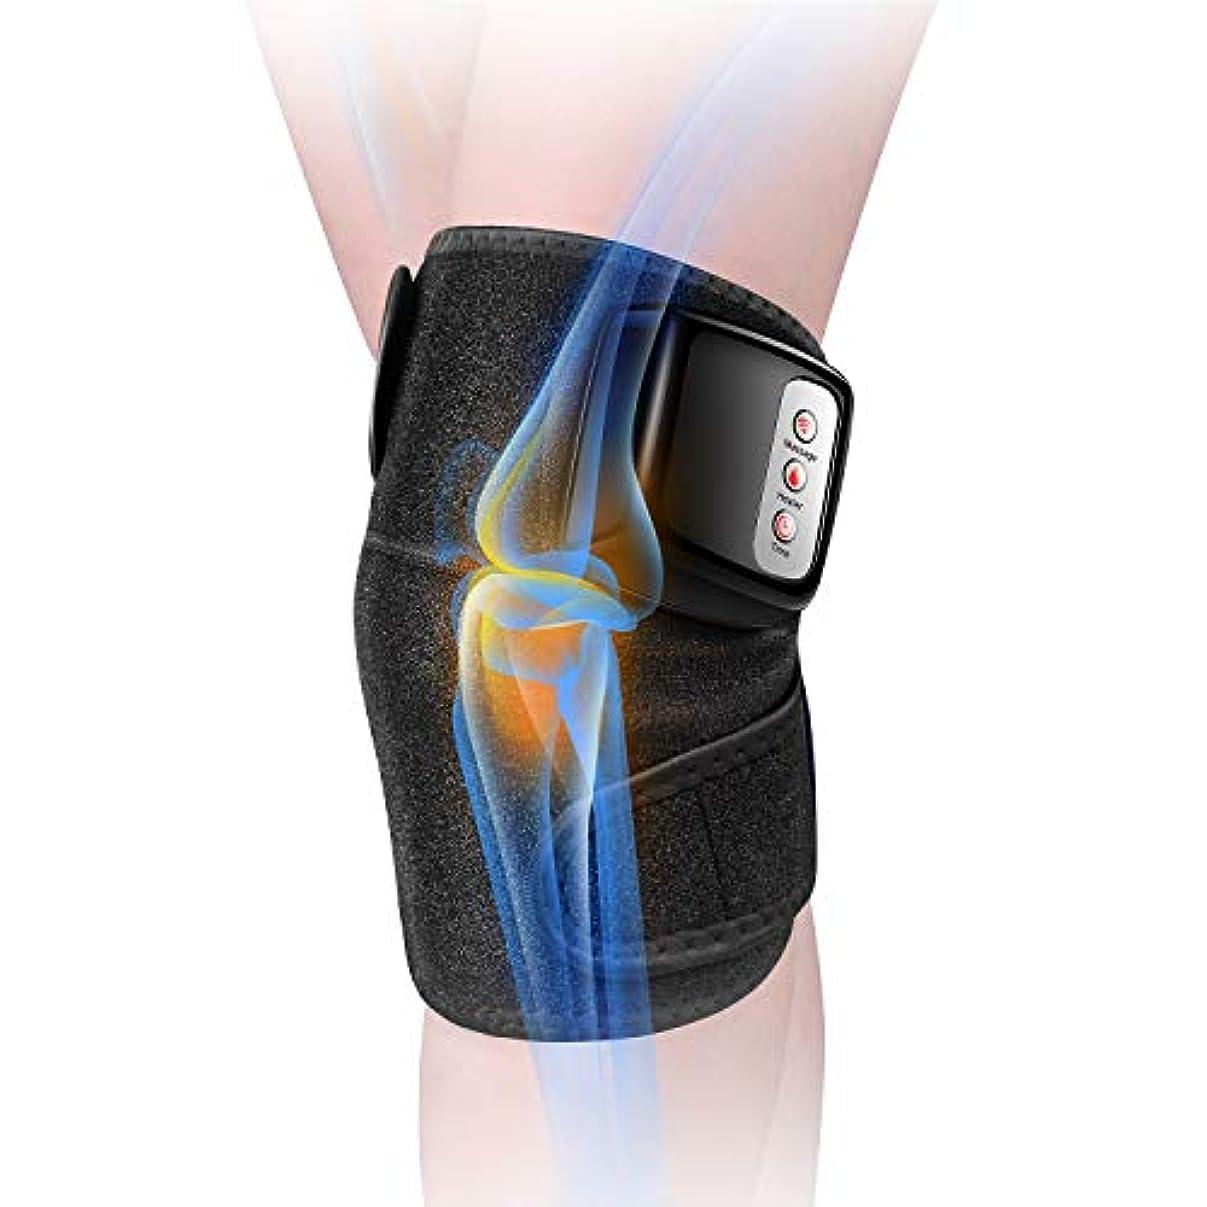 大きさ筋肉の高潔な膝マッサージャー 関節マッサージャー マッサージ器 フットマッサージャー 振動 赤外線療法 温熱療法 膝サポーター ストレス解消 肩 太もも/腕対応